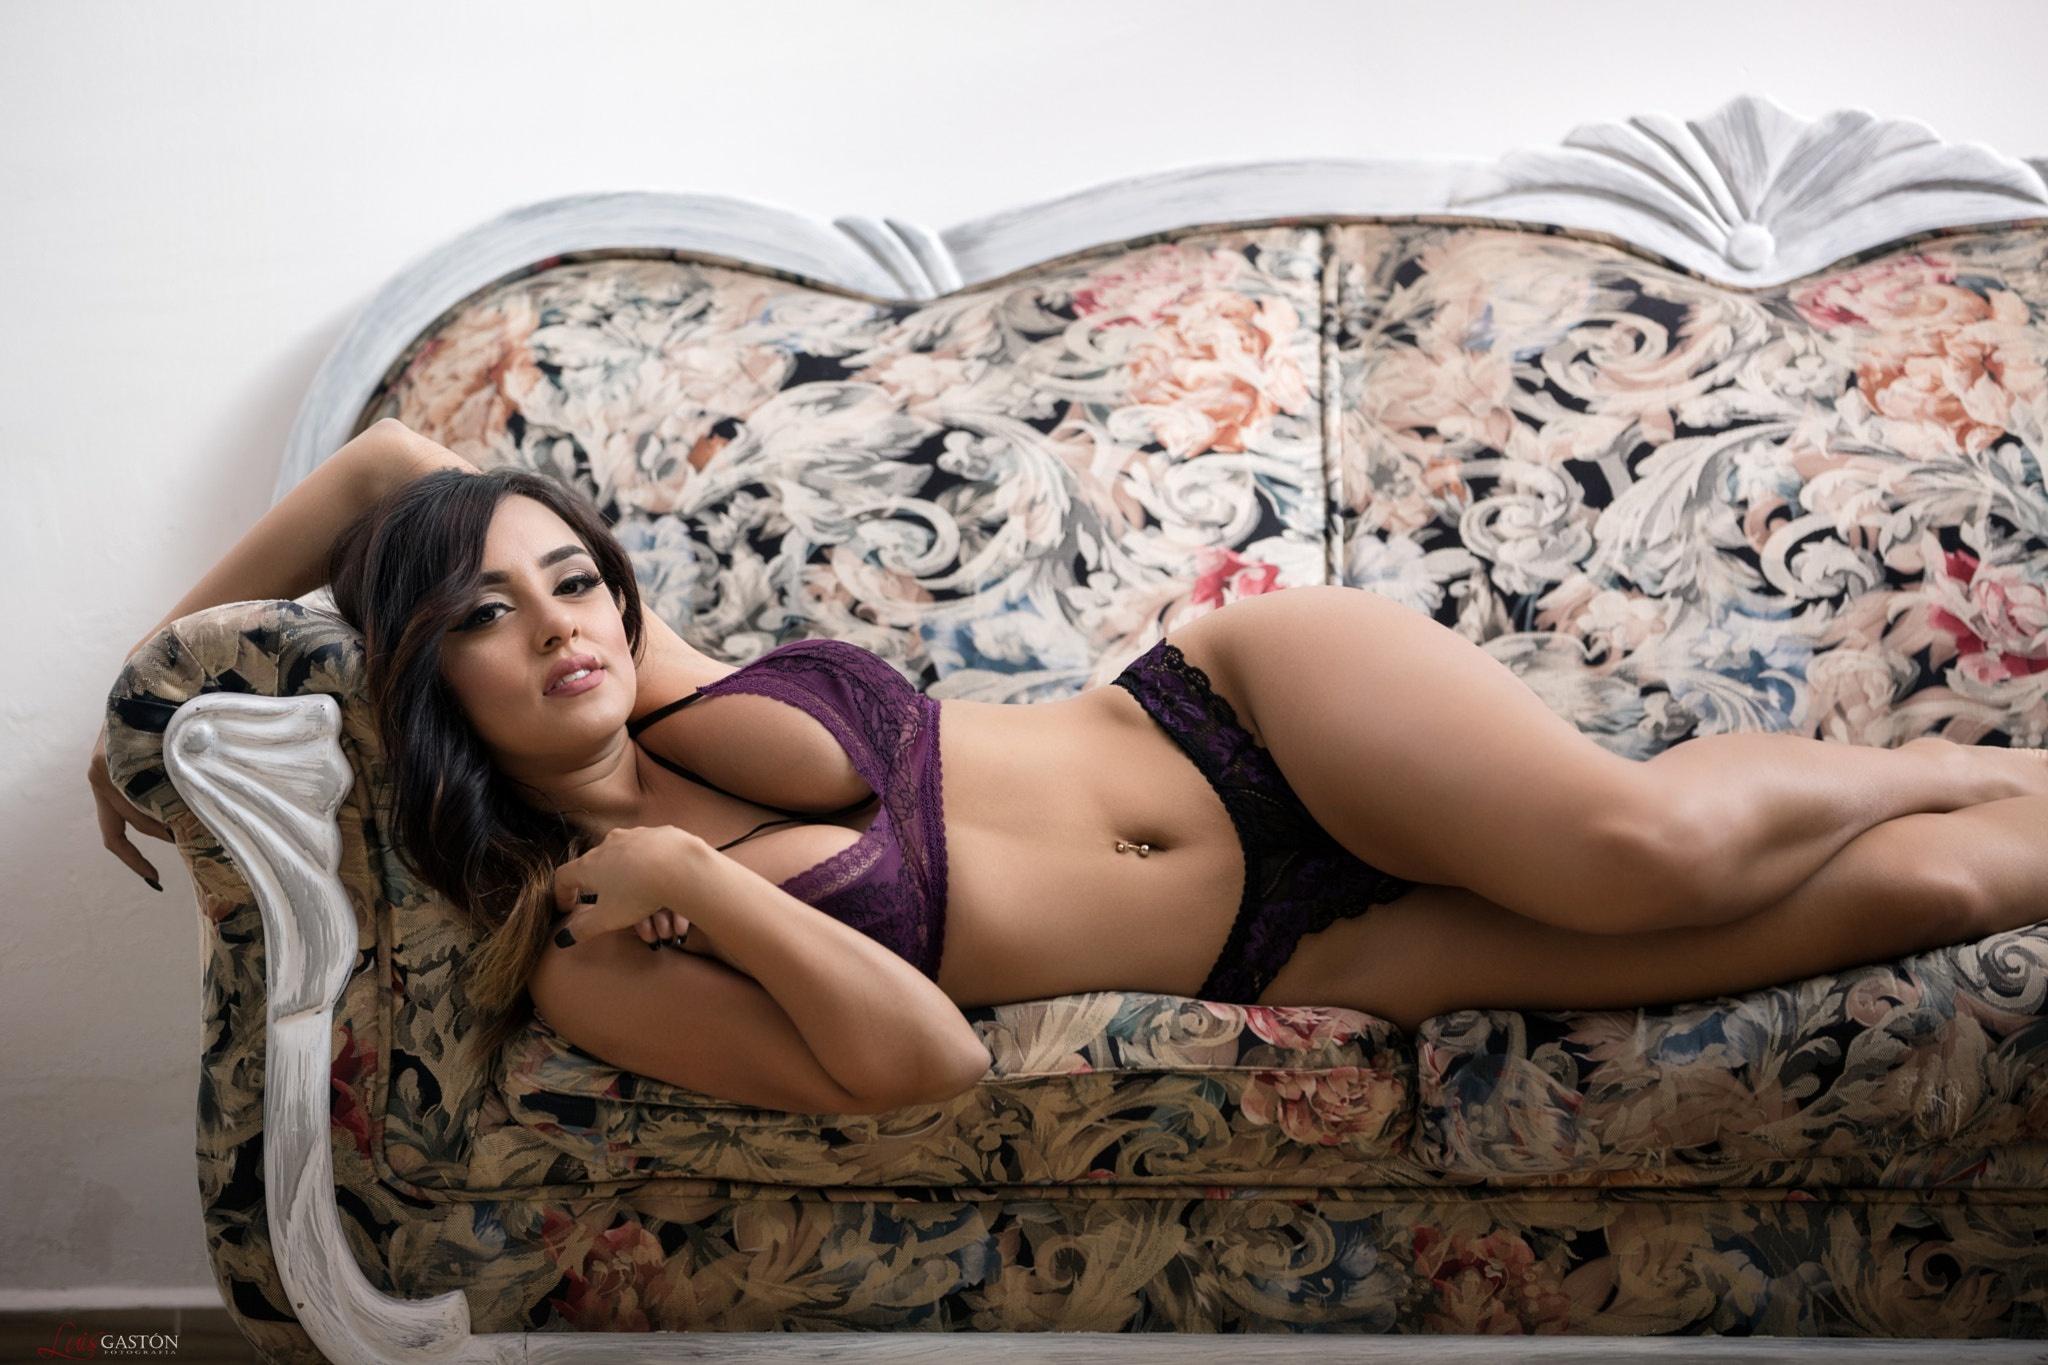 Картинка: Брюнетка, Luis Gaston, модель, лежит, диван, формы, грудь, ножки, взгляд, поза, нижнее бельё, пирсинг